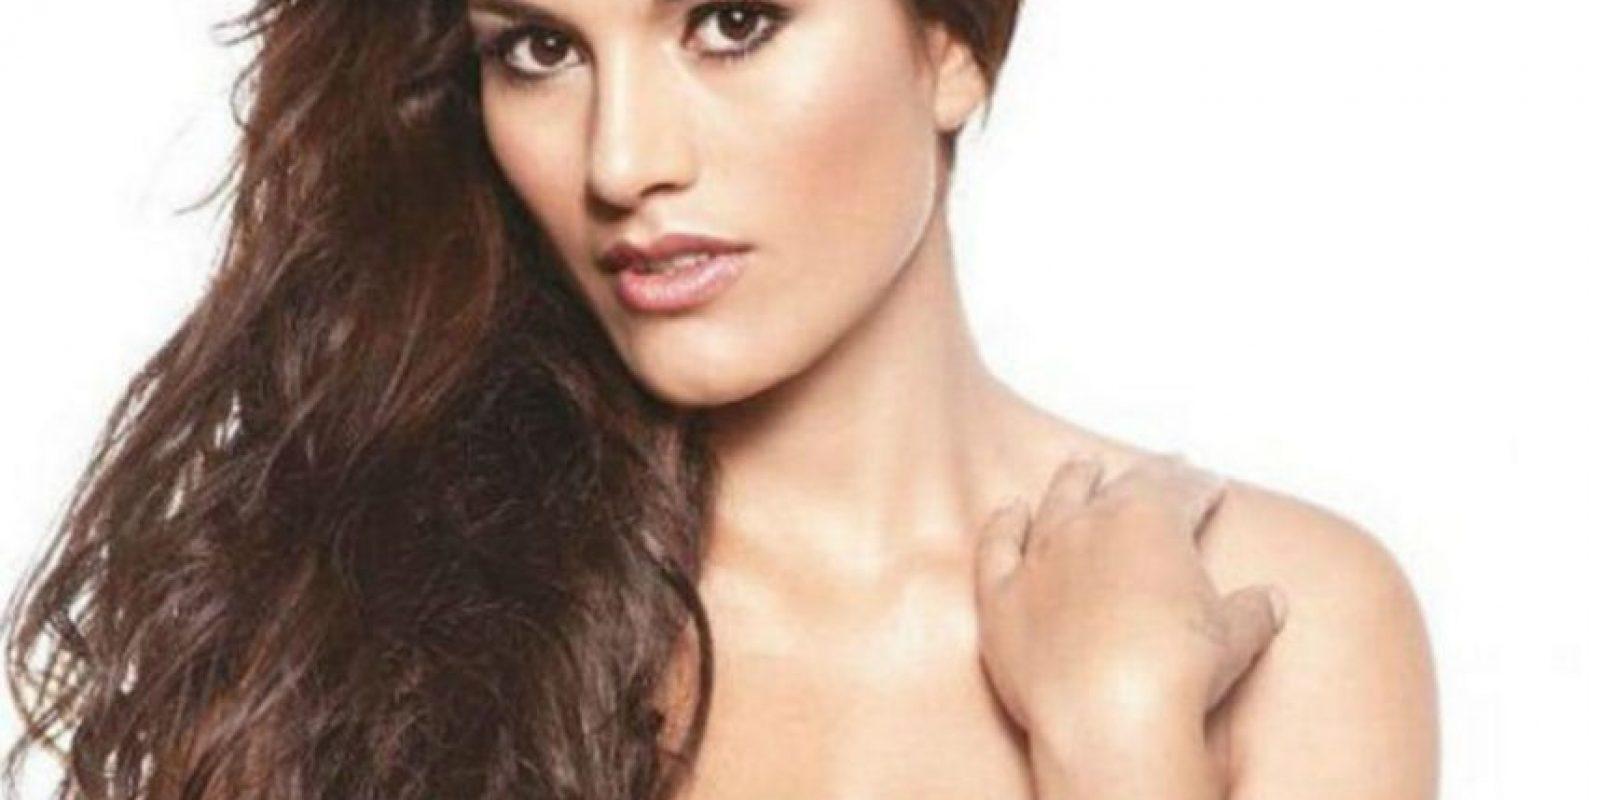 Ana Pacheco pasó de guerrillera a modelo y bailarina. Foto:Vía soho.com.co